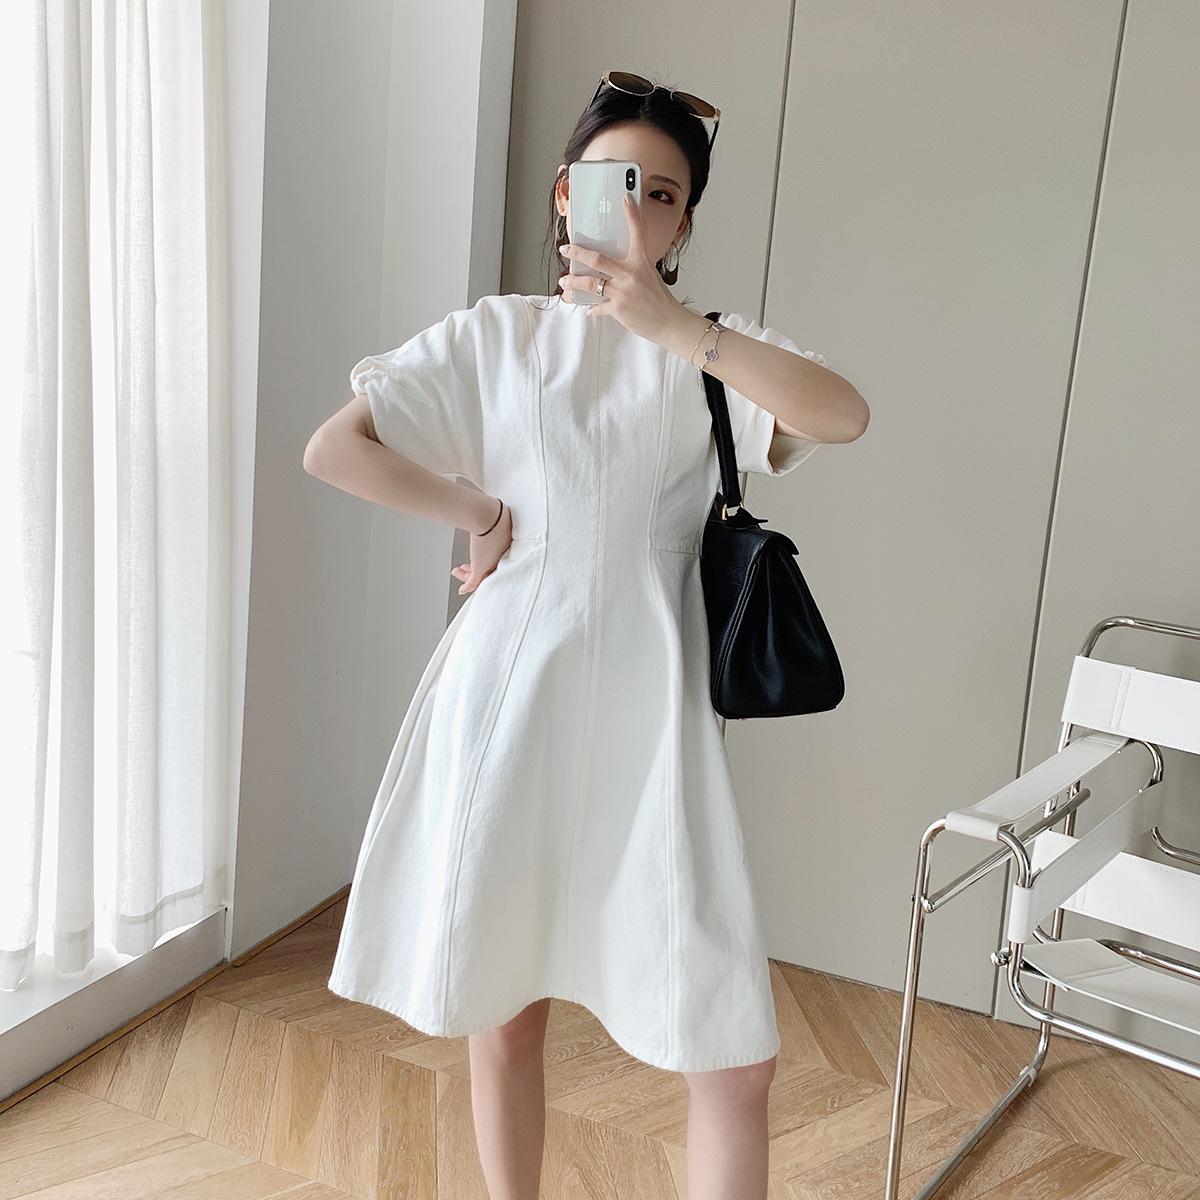 hàng trào lưu mới Váy tay phồng denim thắt lưng váy công chúa trắng